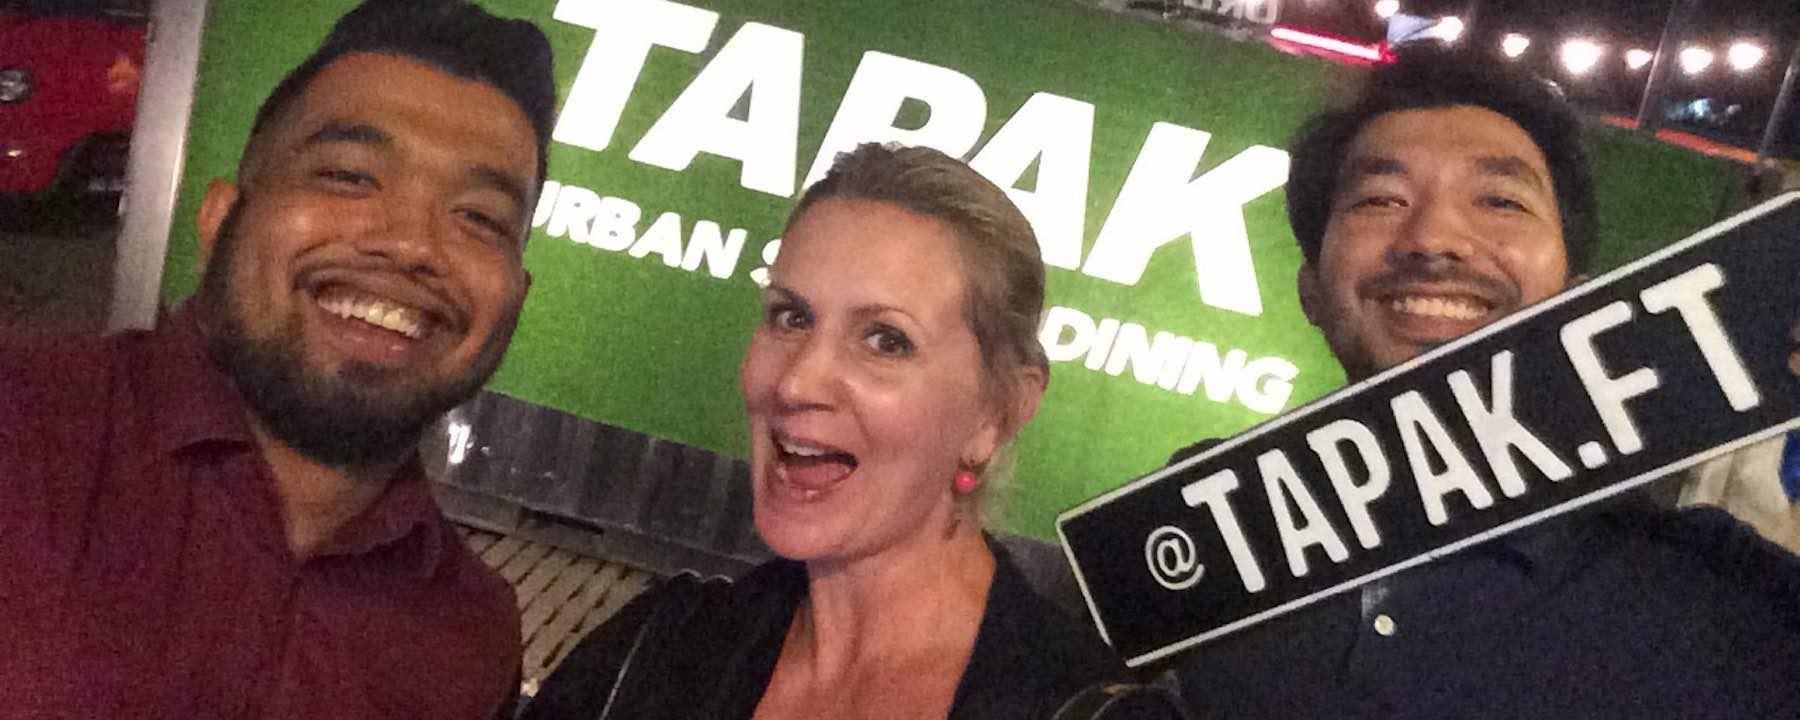 Sedap TAPAK! Kuala Lumpur's 1st Food Truck Park